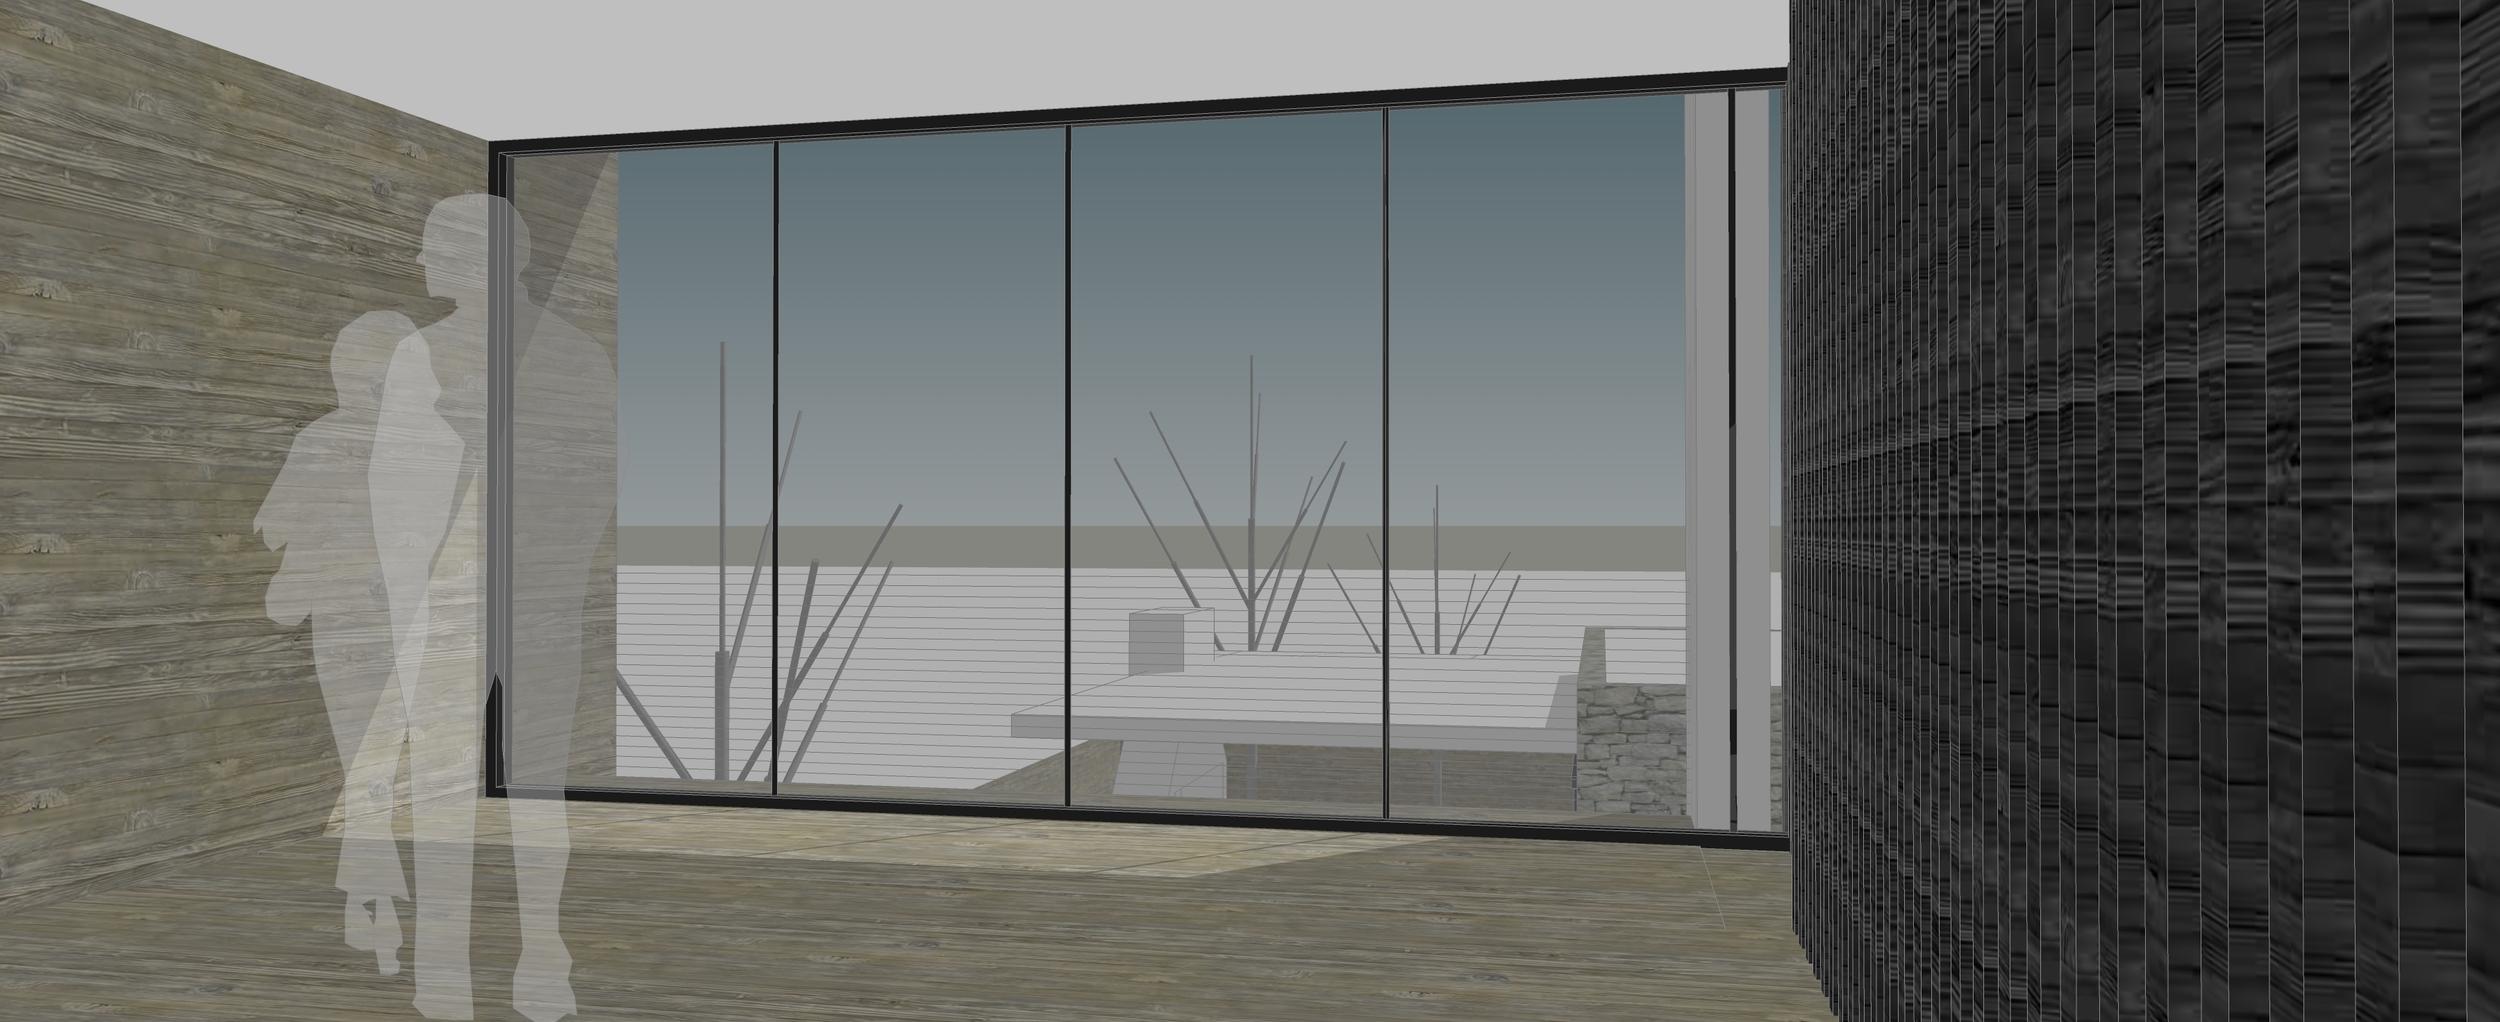 Scheme RQ View to Rear Yard